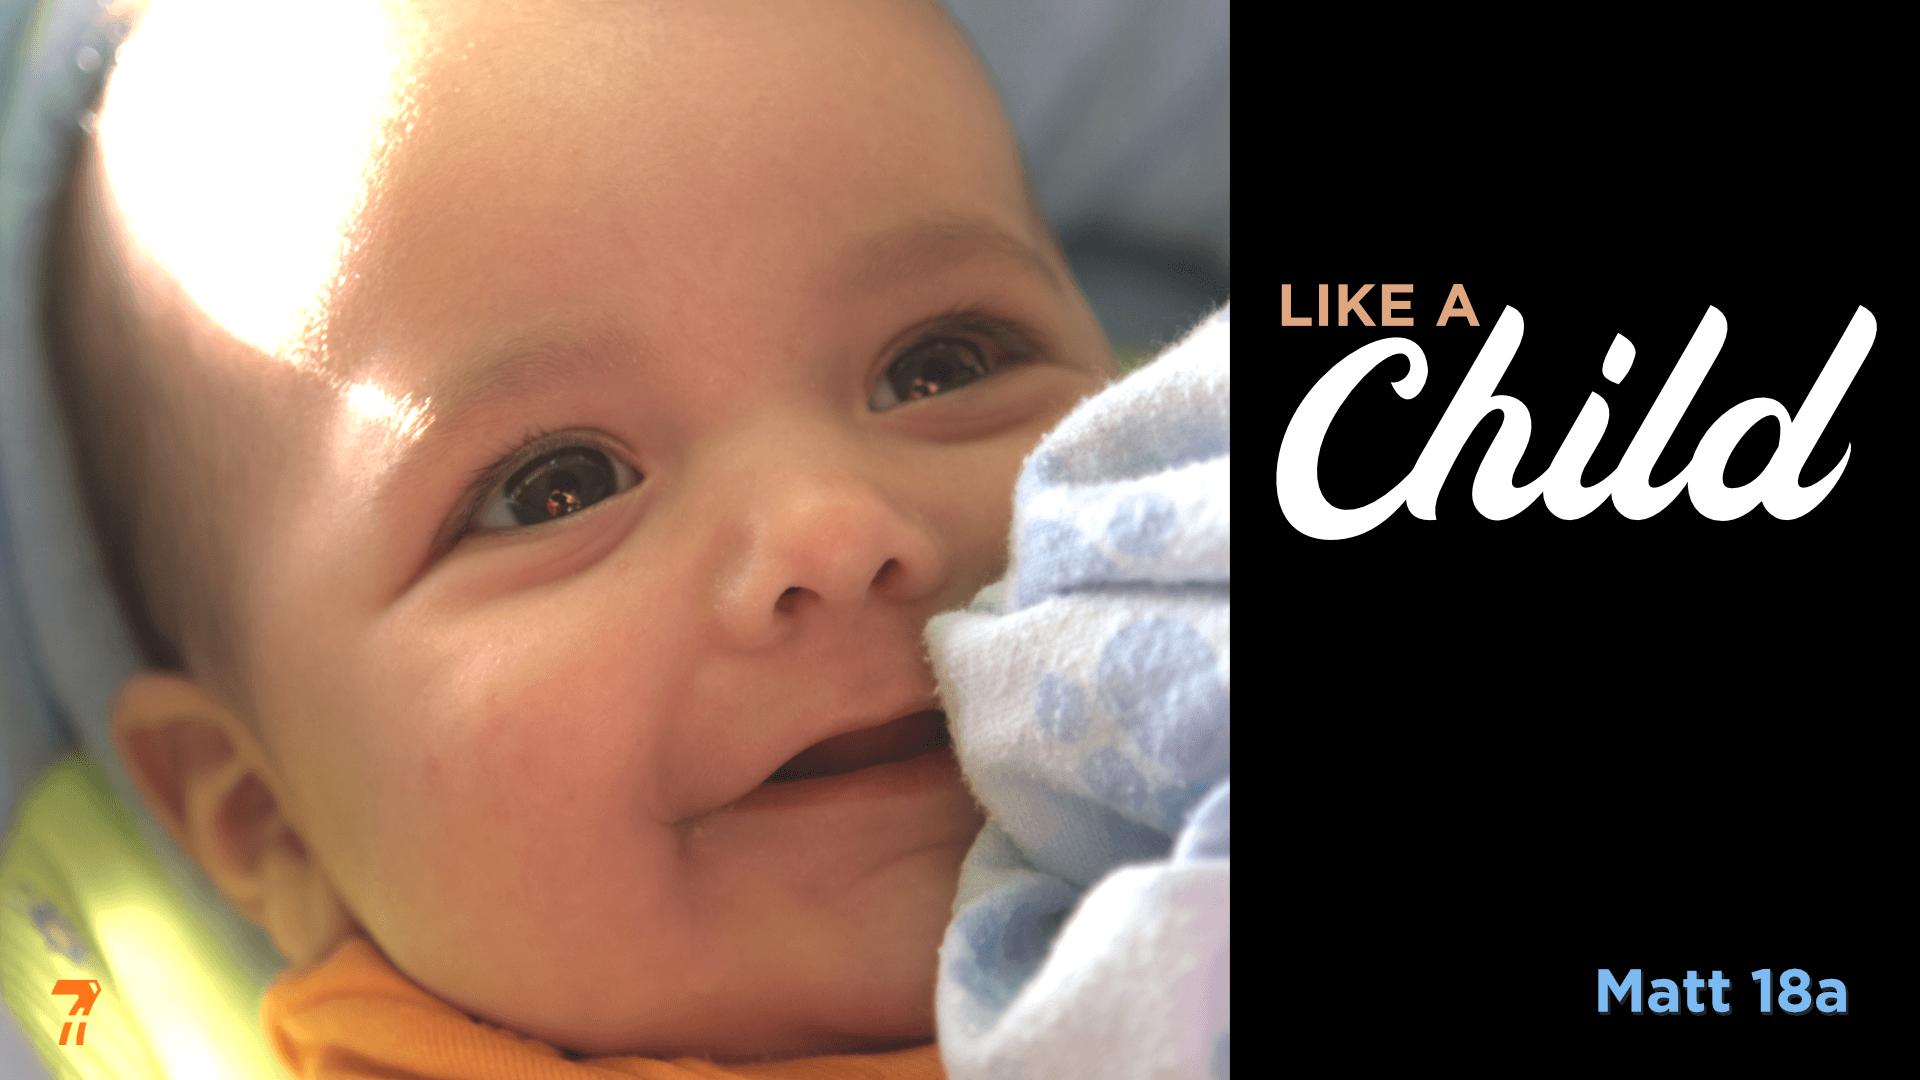 Matthew 18a – Like a Child